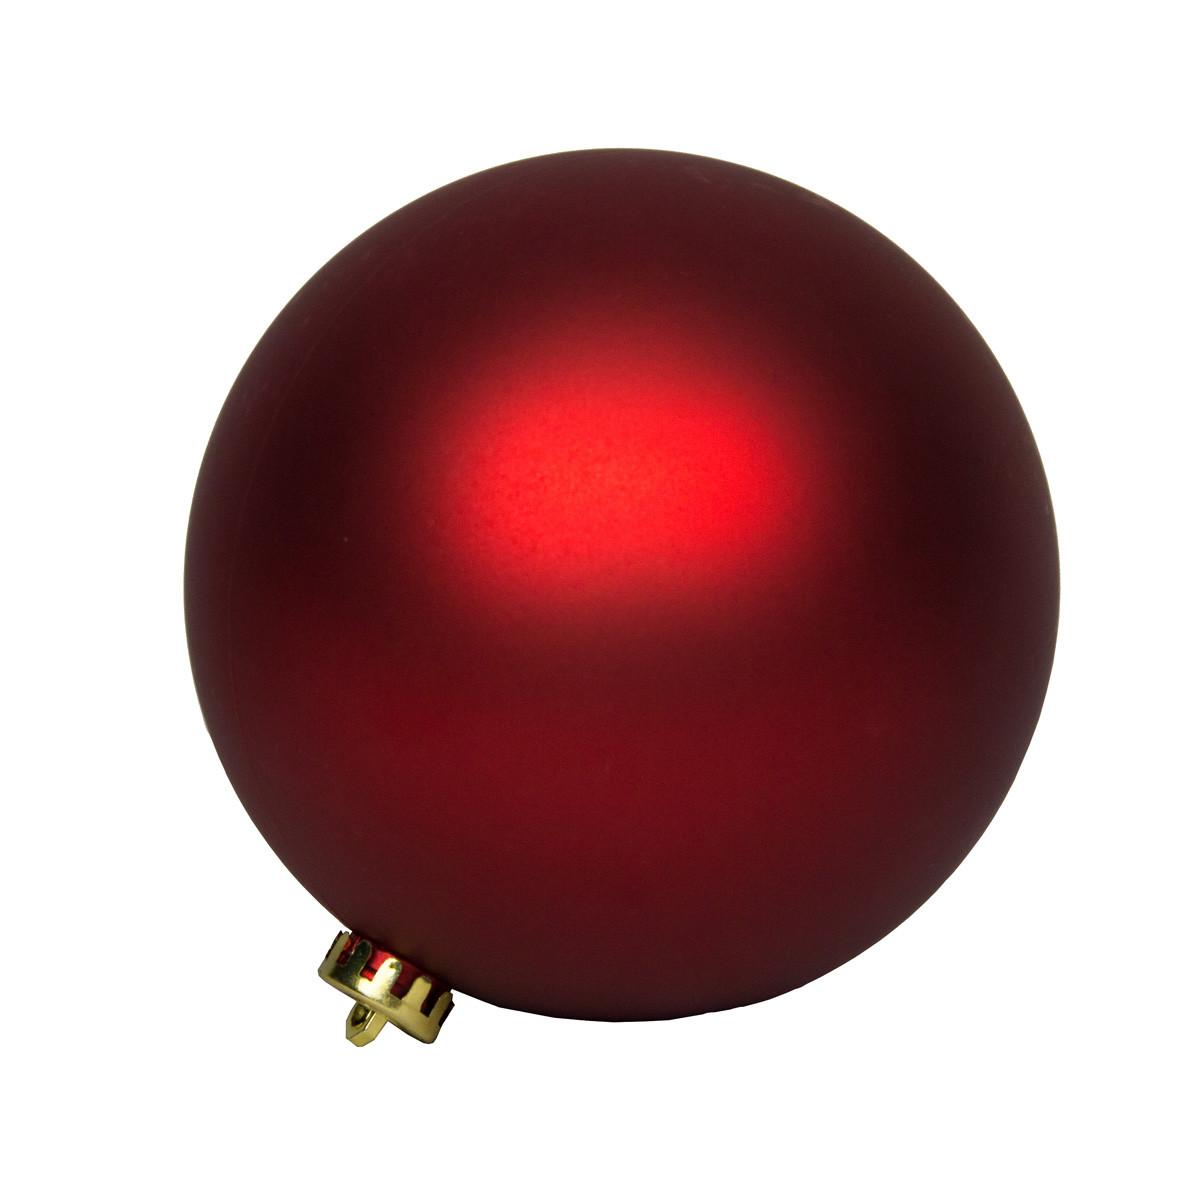 Большая елочная игрушка - шар, 40 см, пластик, красный (031412-4)